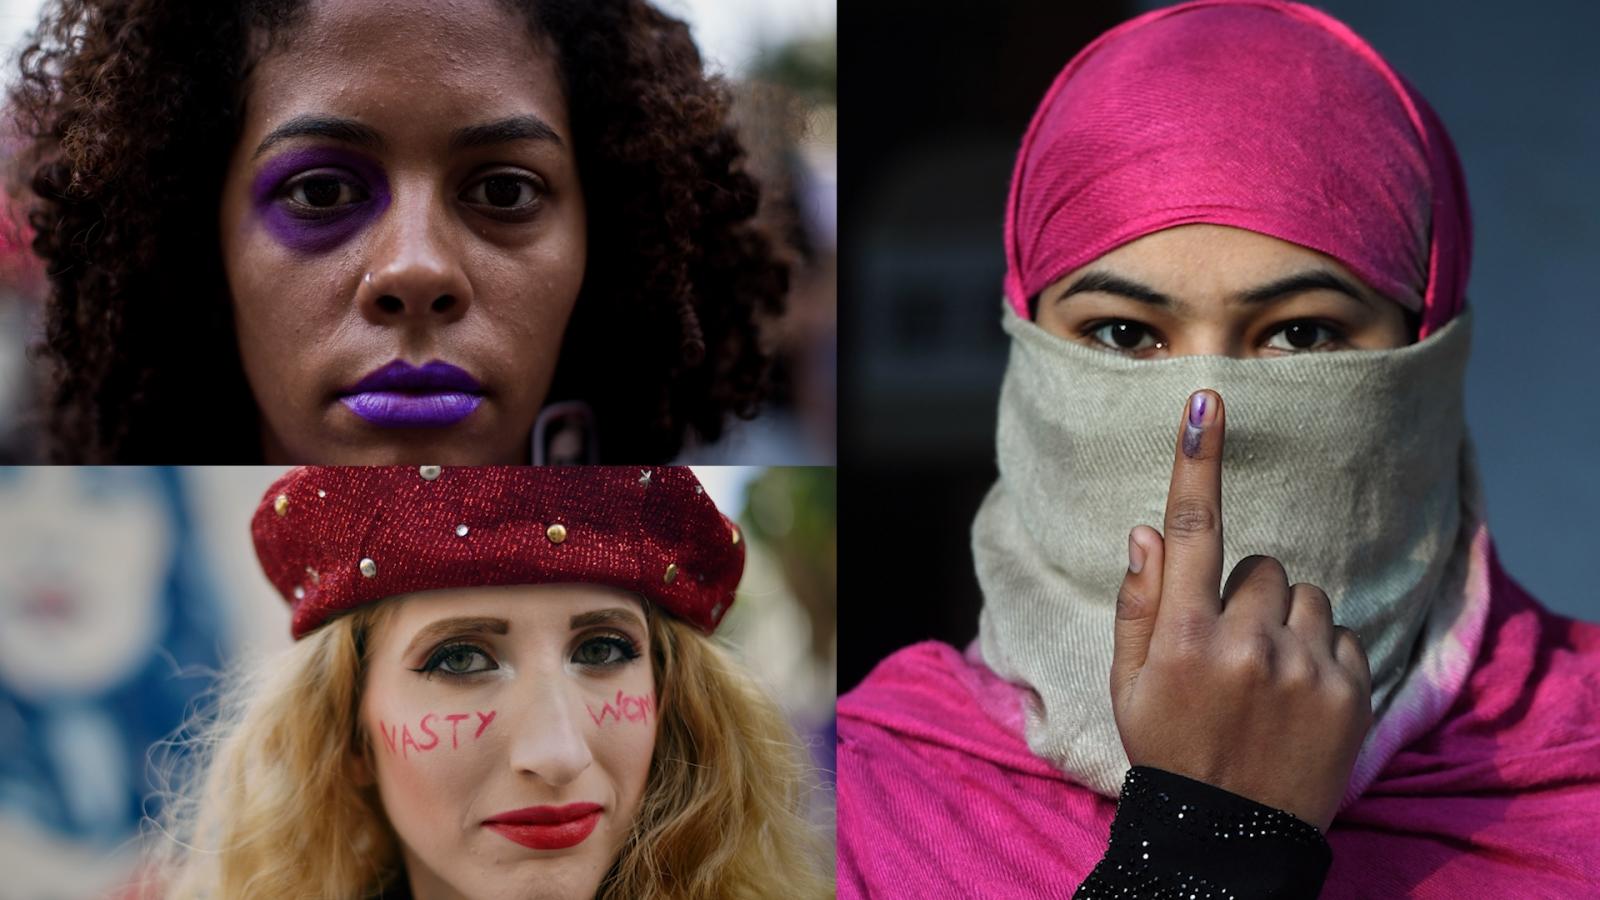 five-shocking-bans-on-women-around-the-world